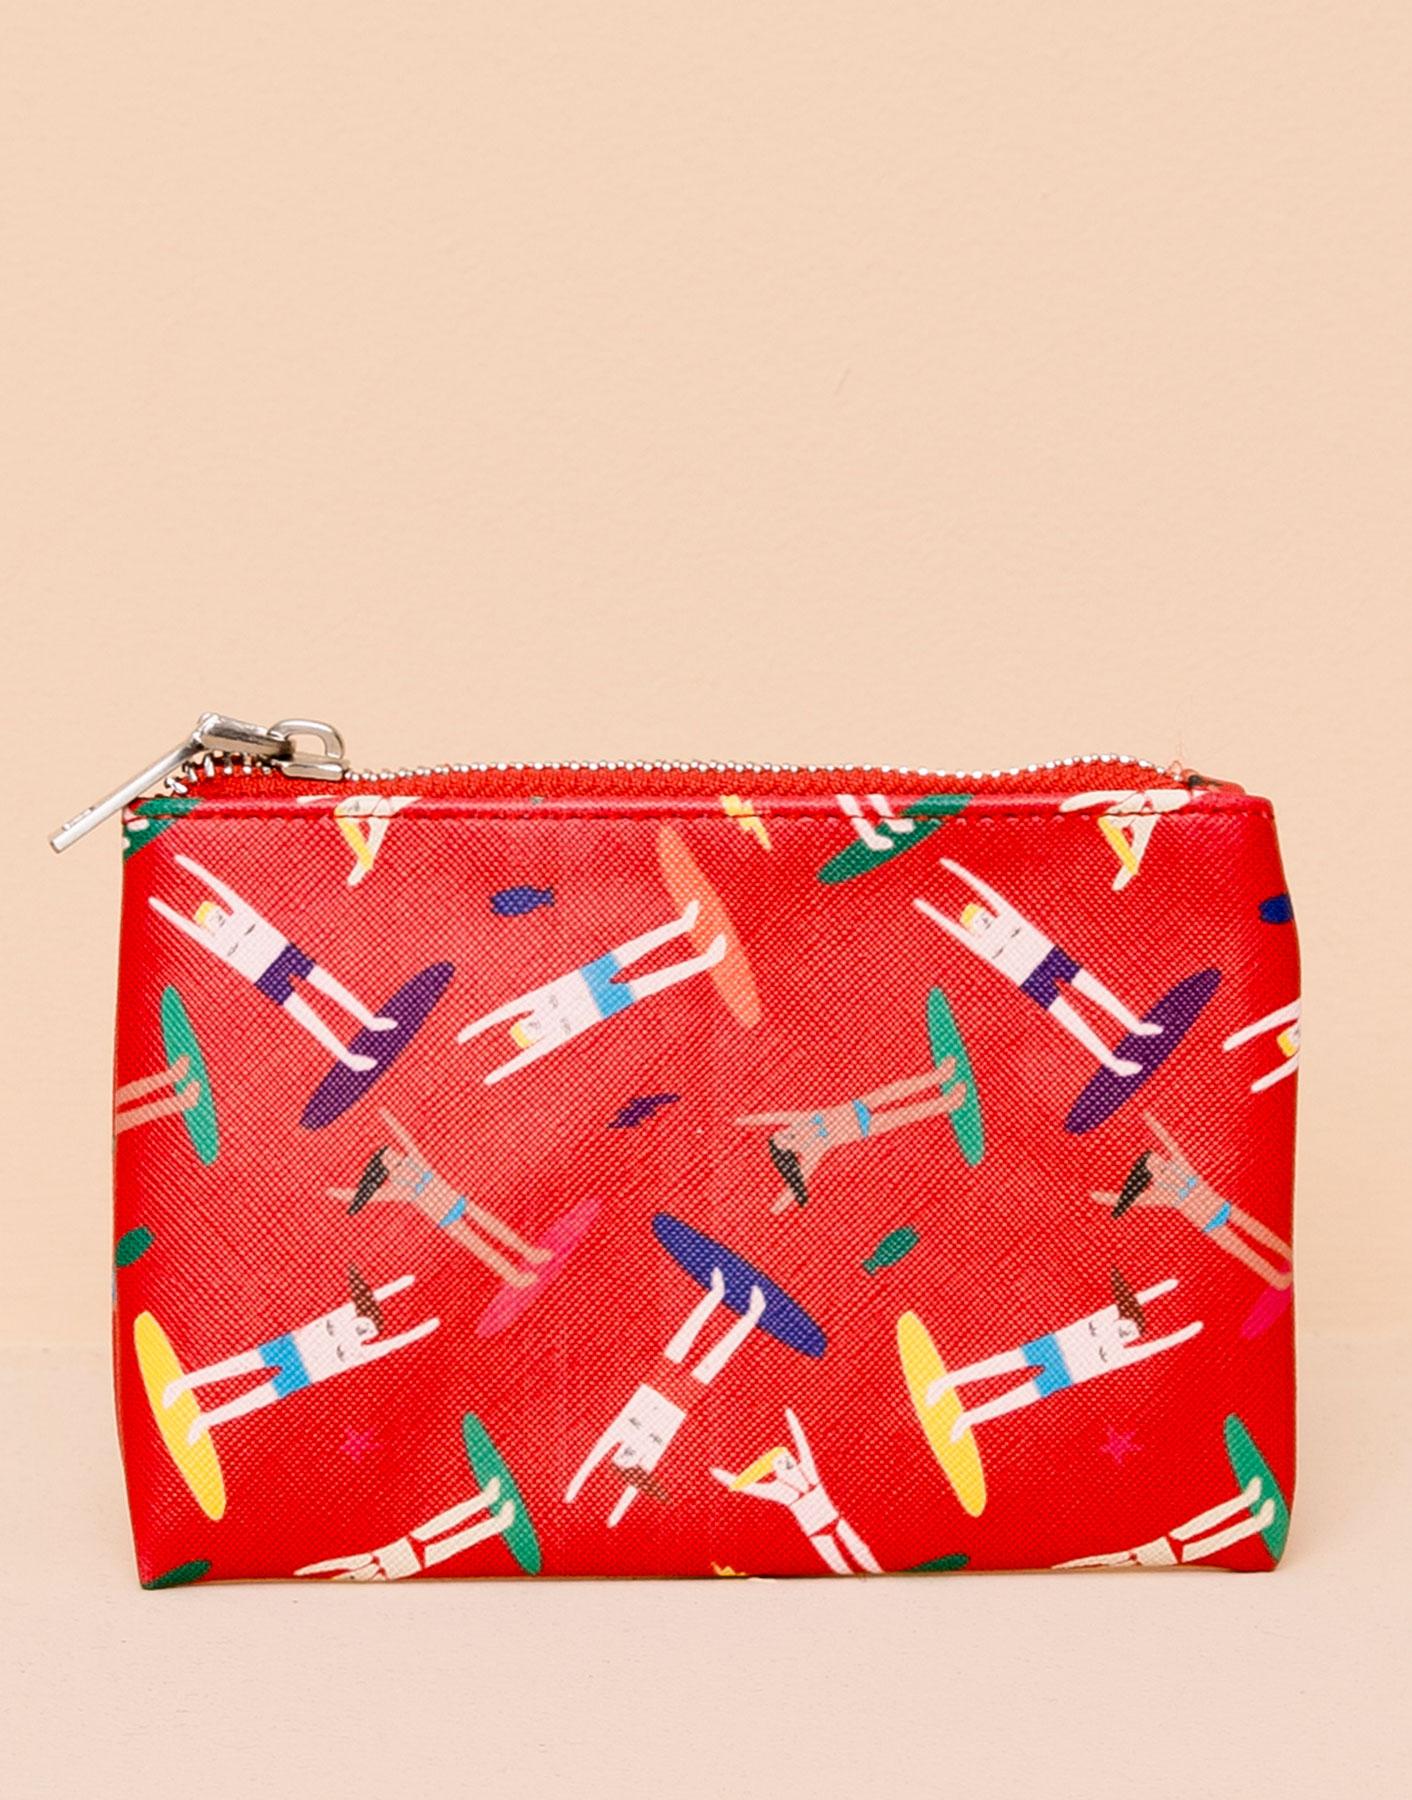 亮眼的紅色手拿包,把一天需要的小物都放在裡面,今天就不要大包小包地出門了!